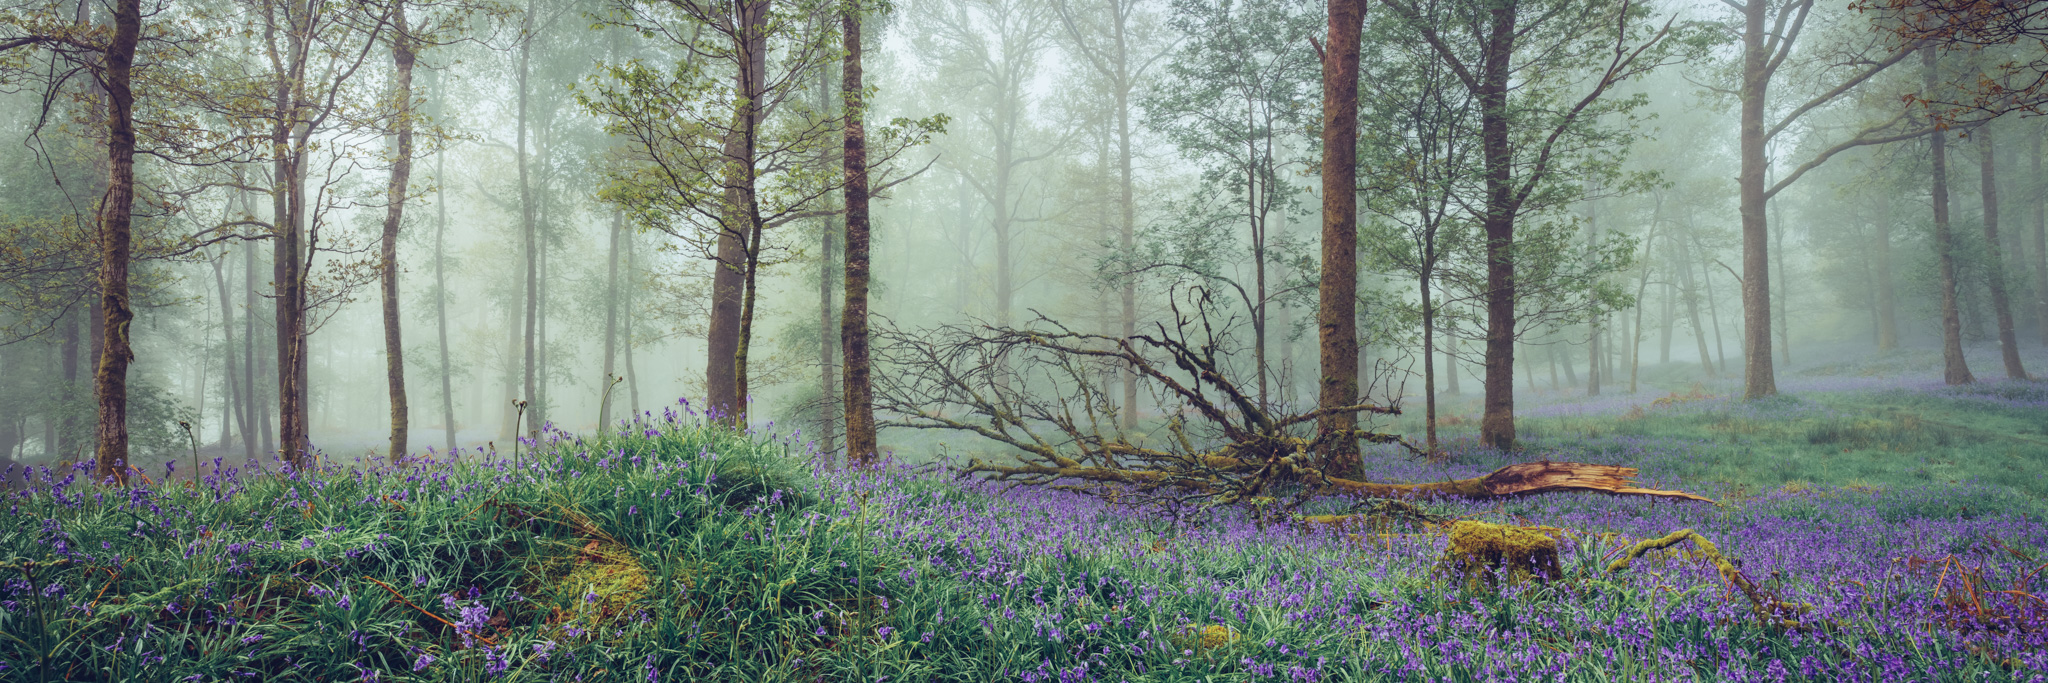 Brathay Bluebells - Jeffy Knotts Wood